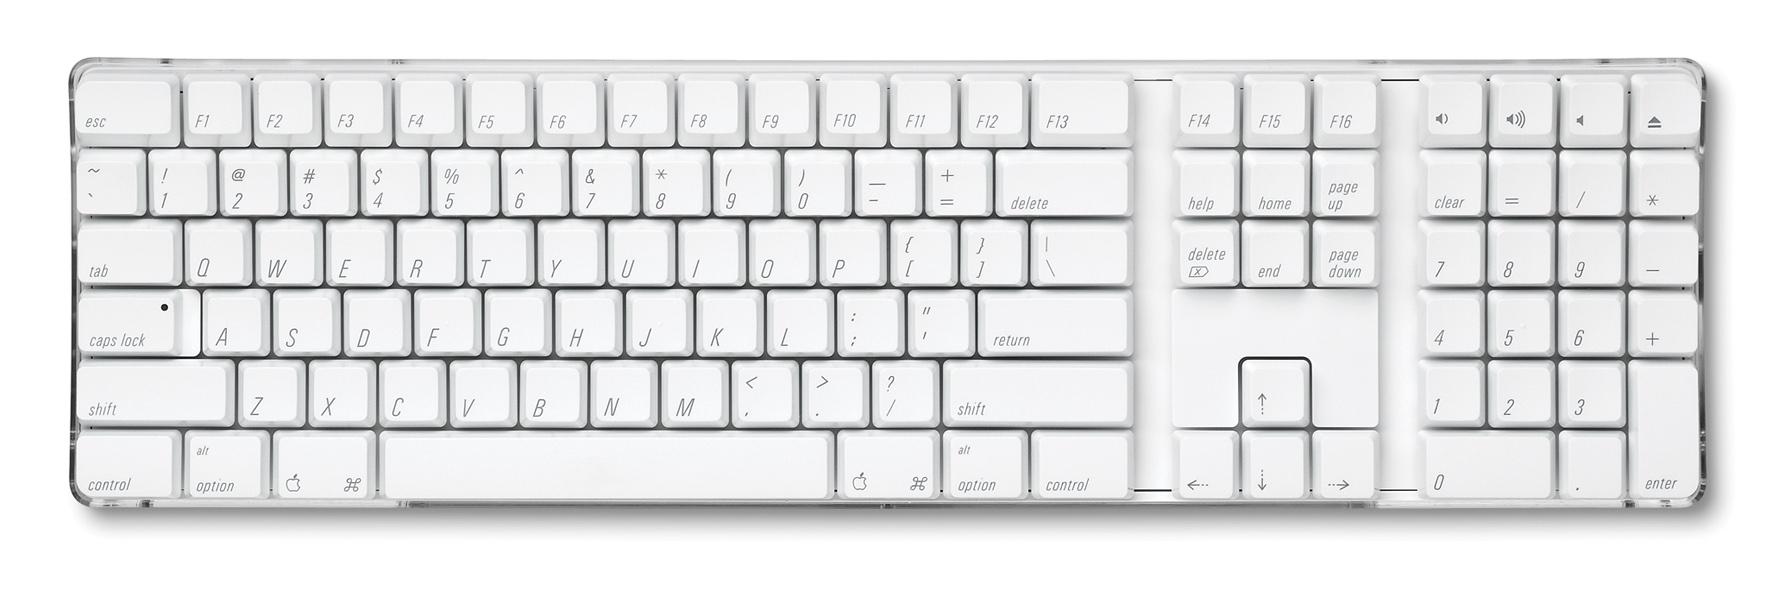 Num Lock Apple Wireless Keyboard